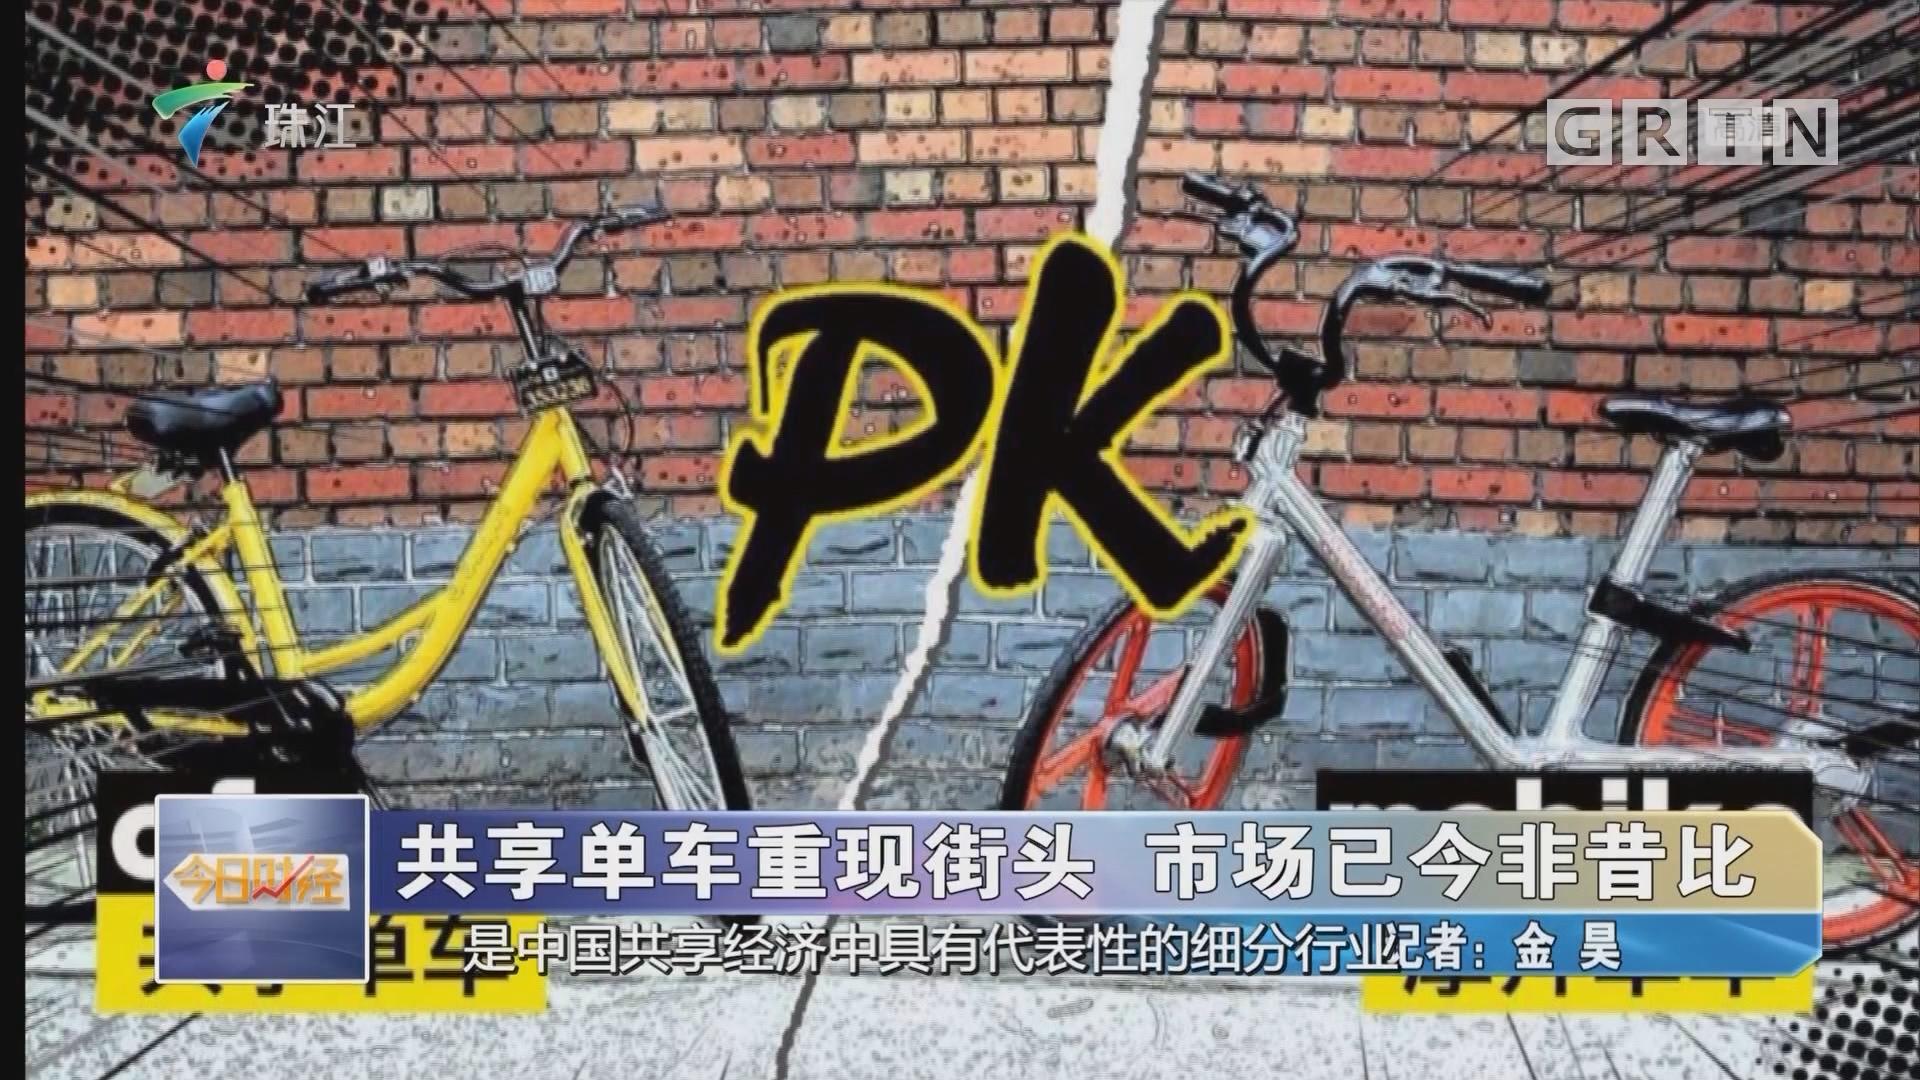 共享单车重现街头 市场已今非昔比